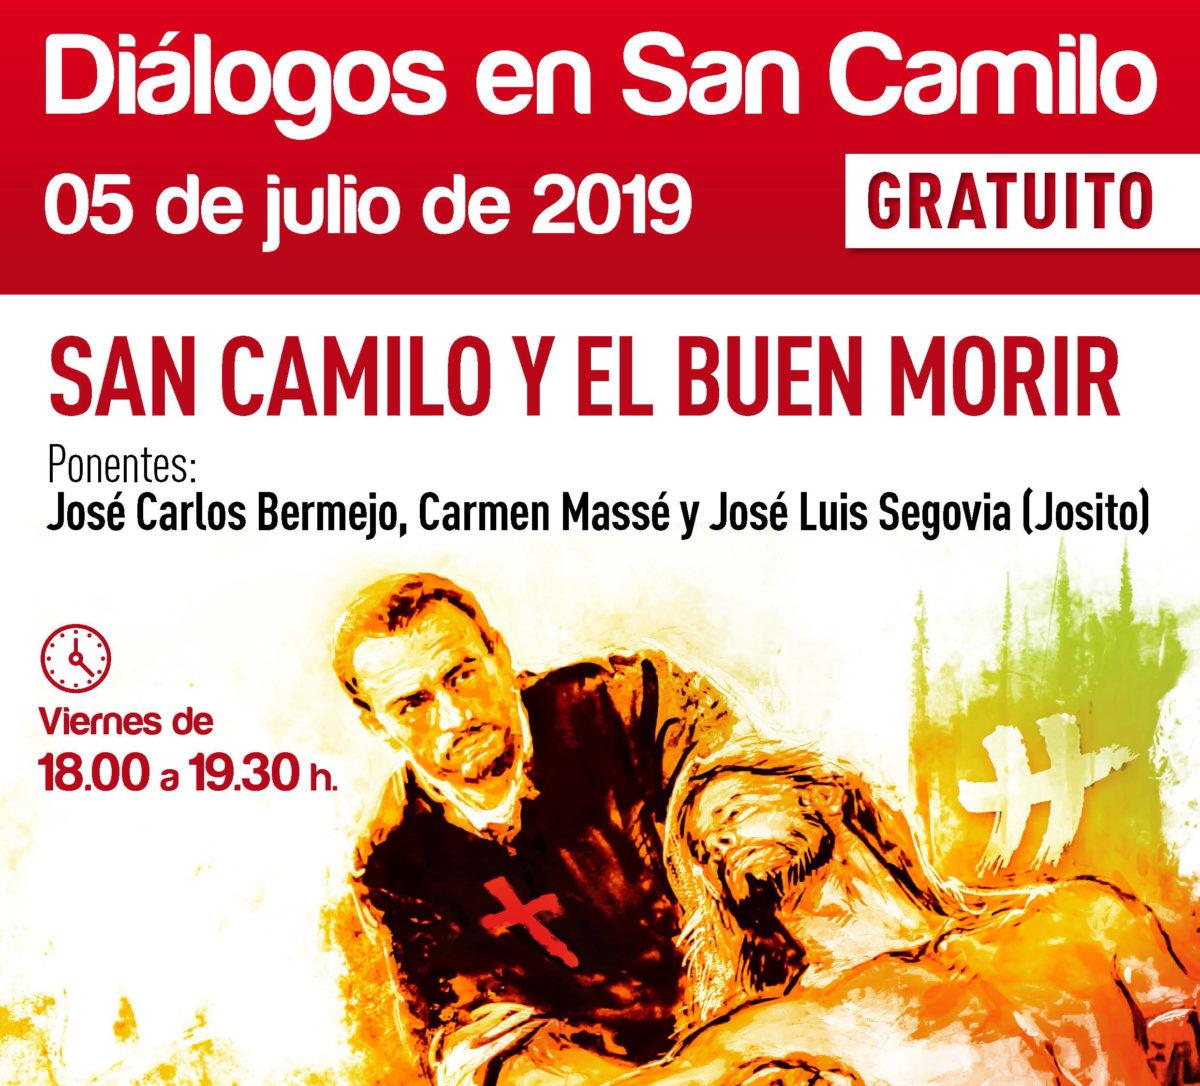 San Camilo y el buen morir: 5 julio